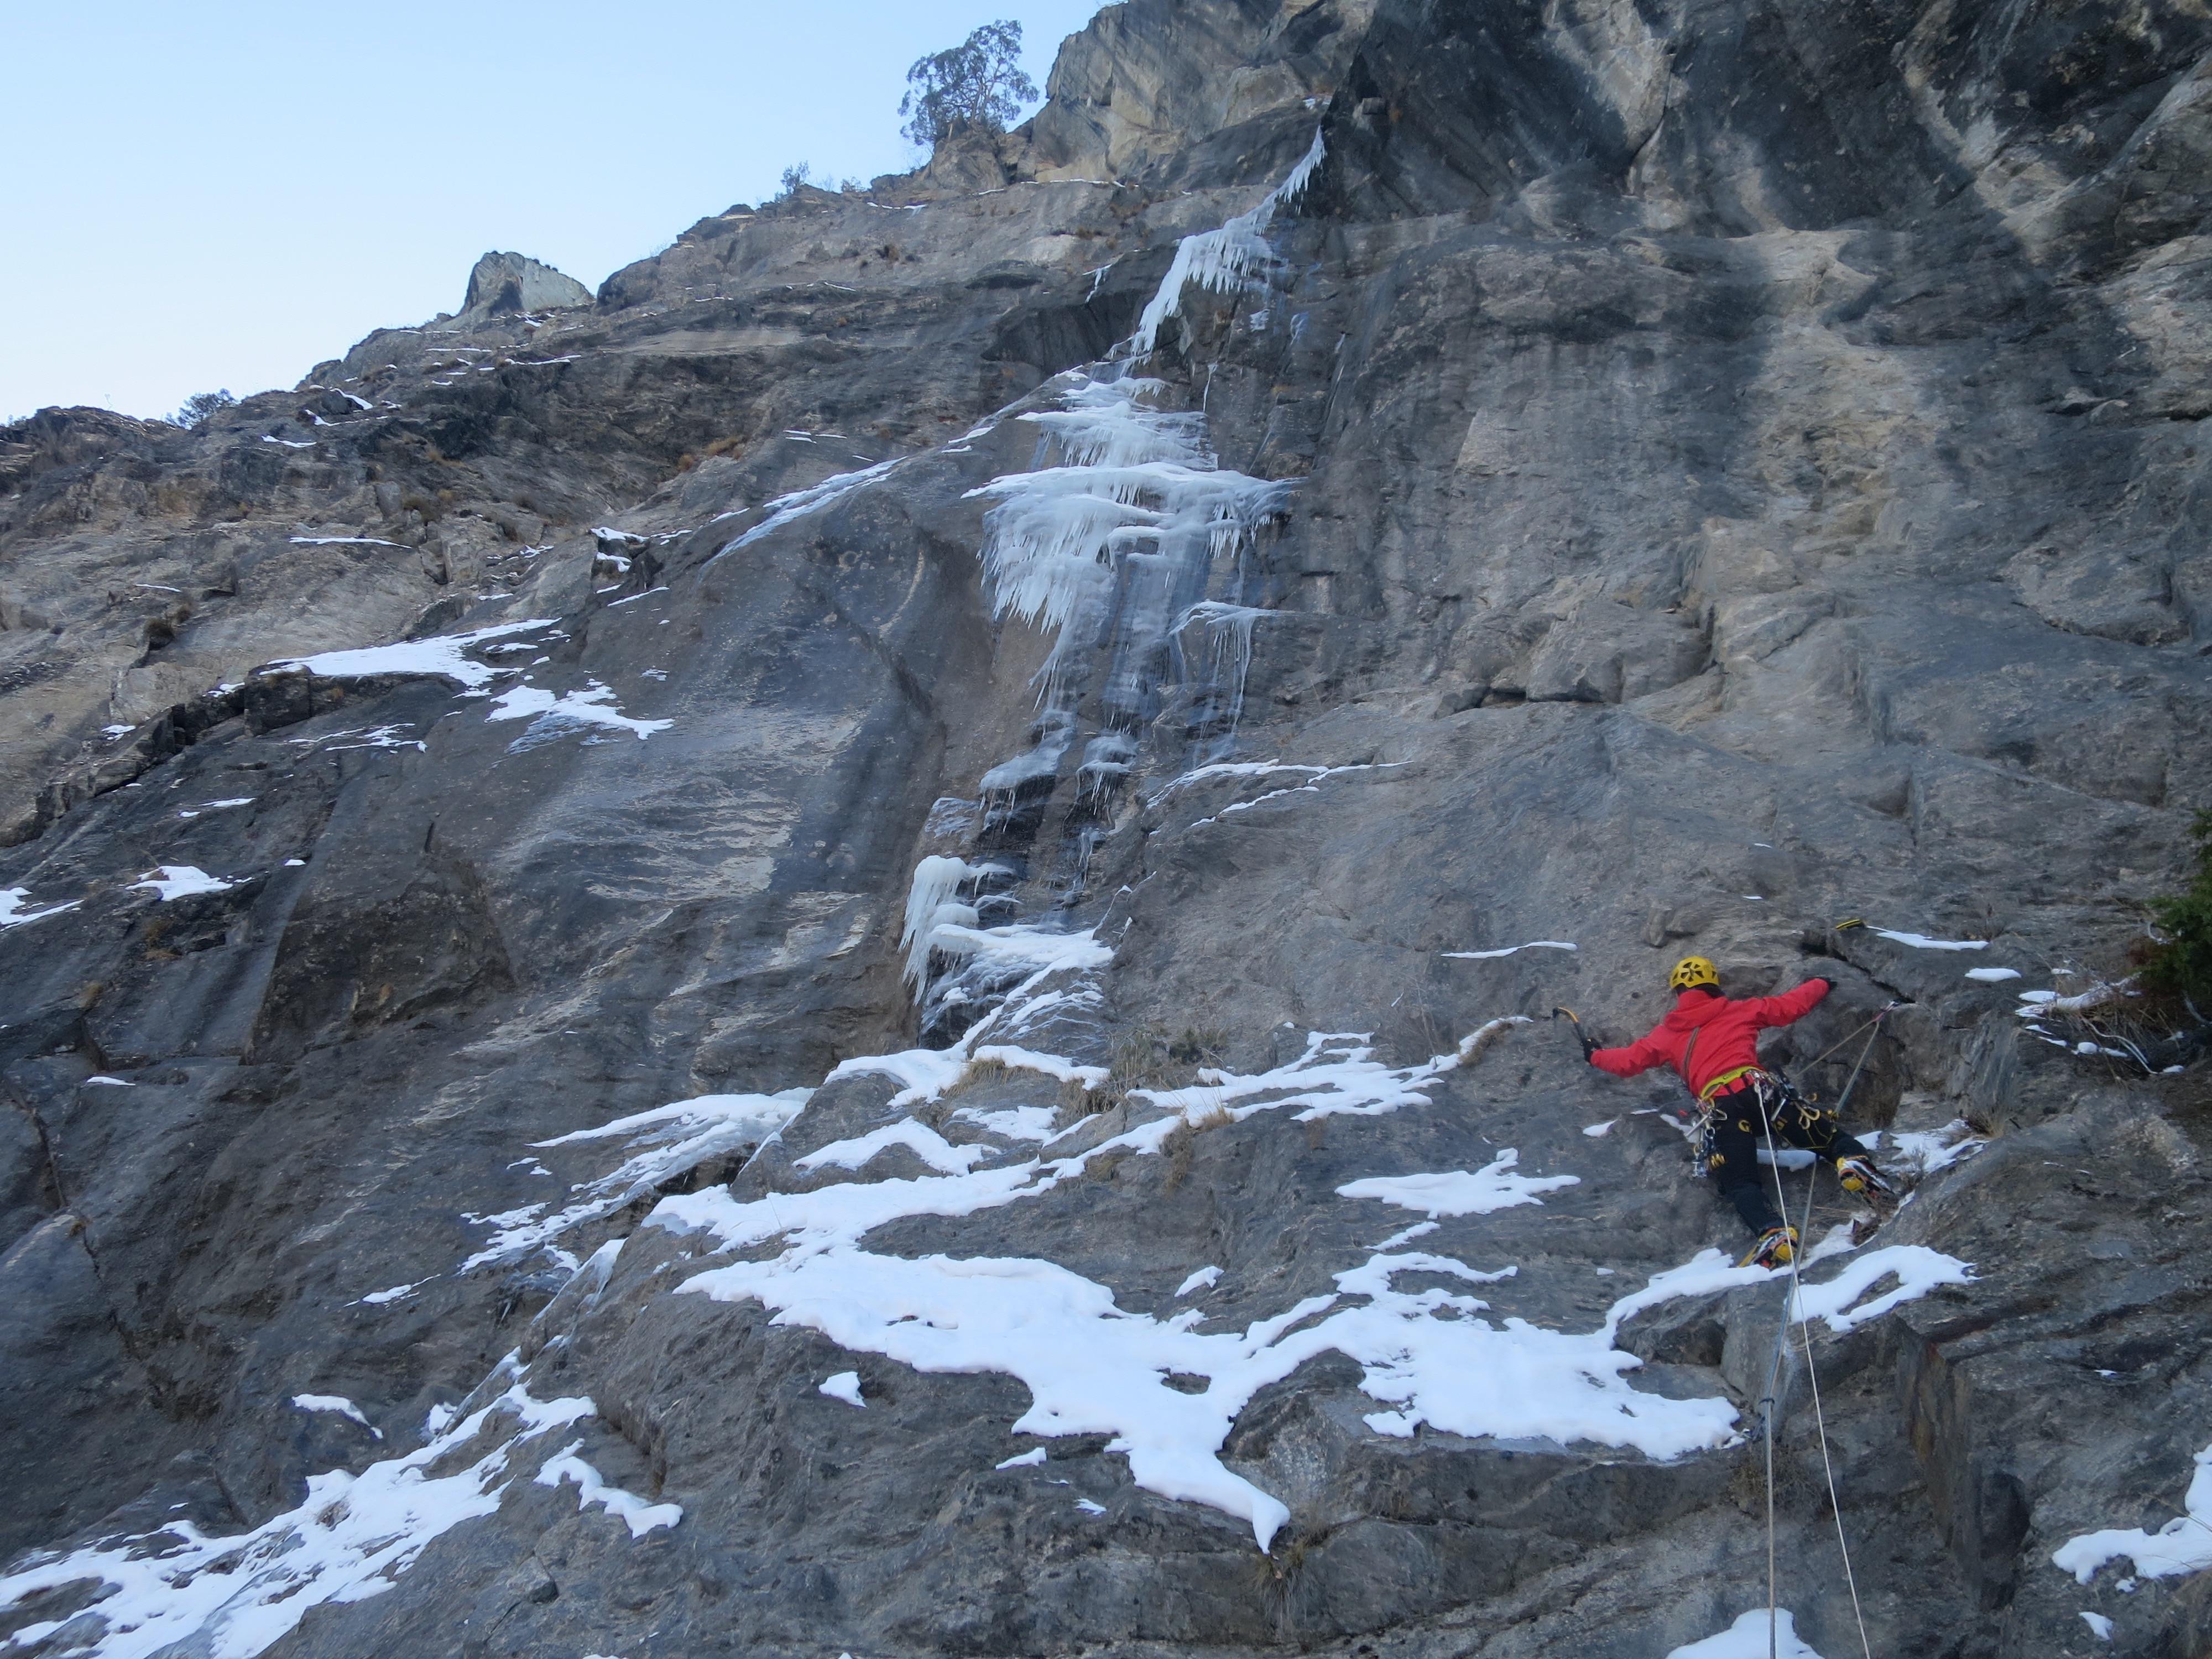 """Photo of """"Livello Inferiore"""" e """"Nuovi Orizzonti"""" due nuove linee di ghiaccio in Valtournenche"""